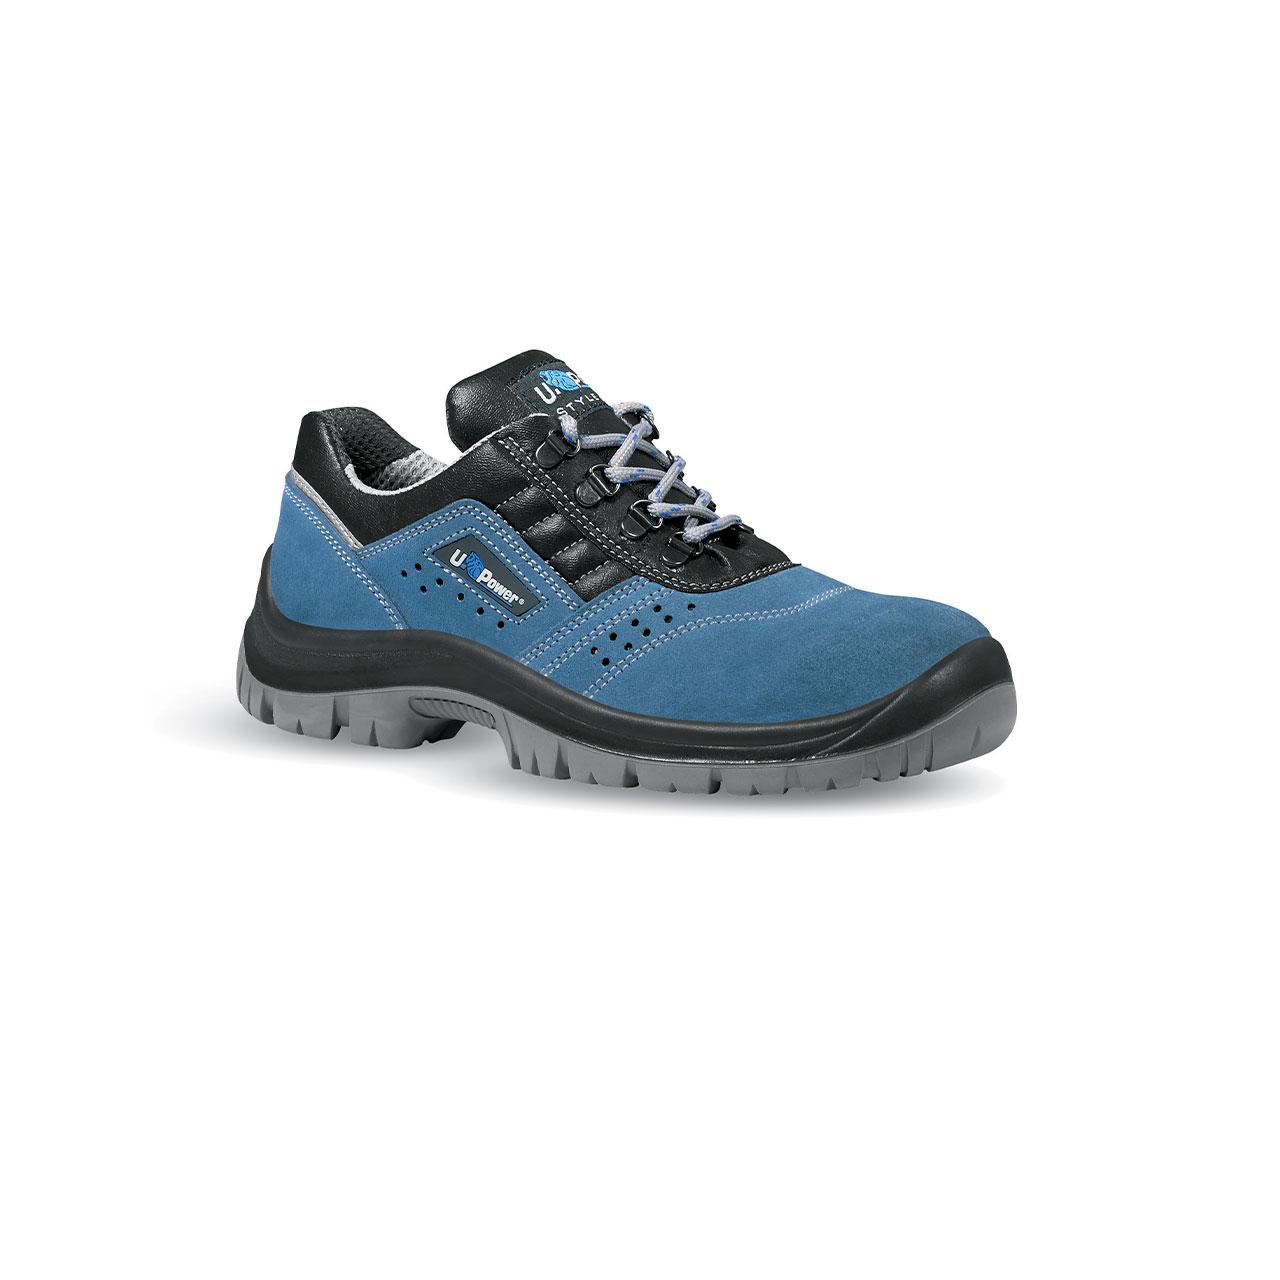 scarpa antinfortunistica upower modello boss linea STYLE_JOB vista laterale